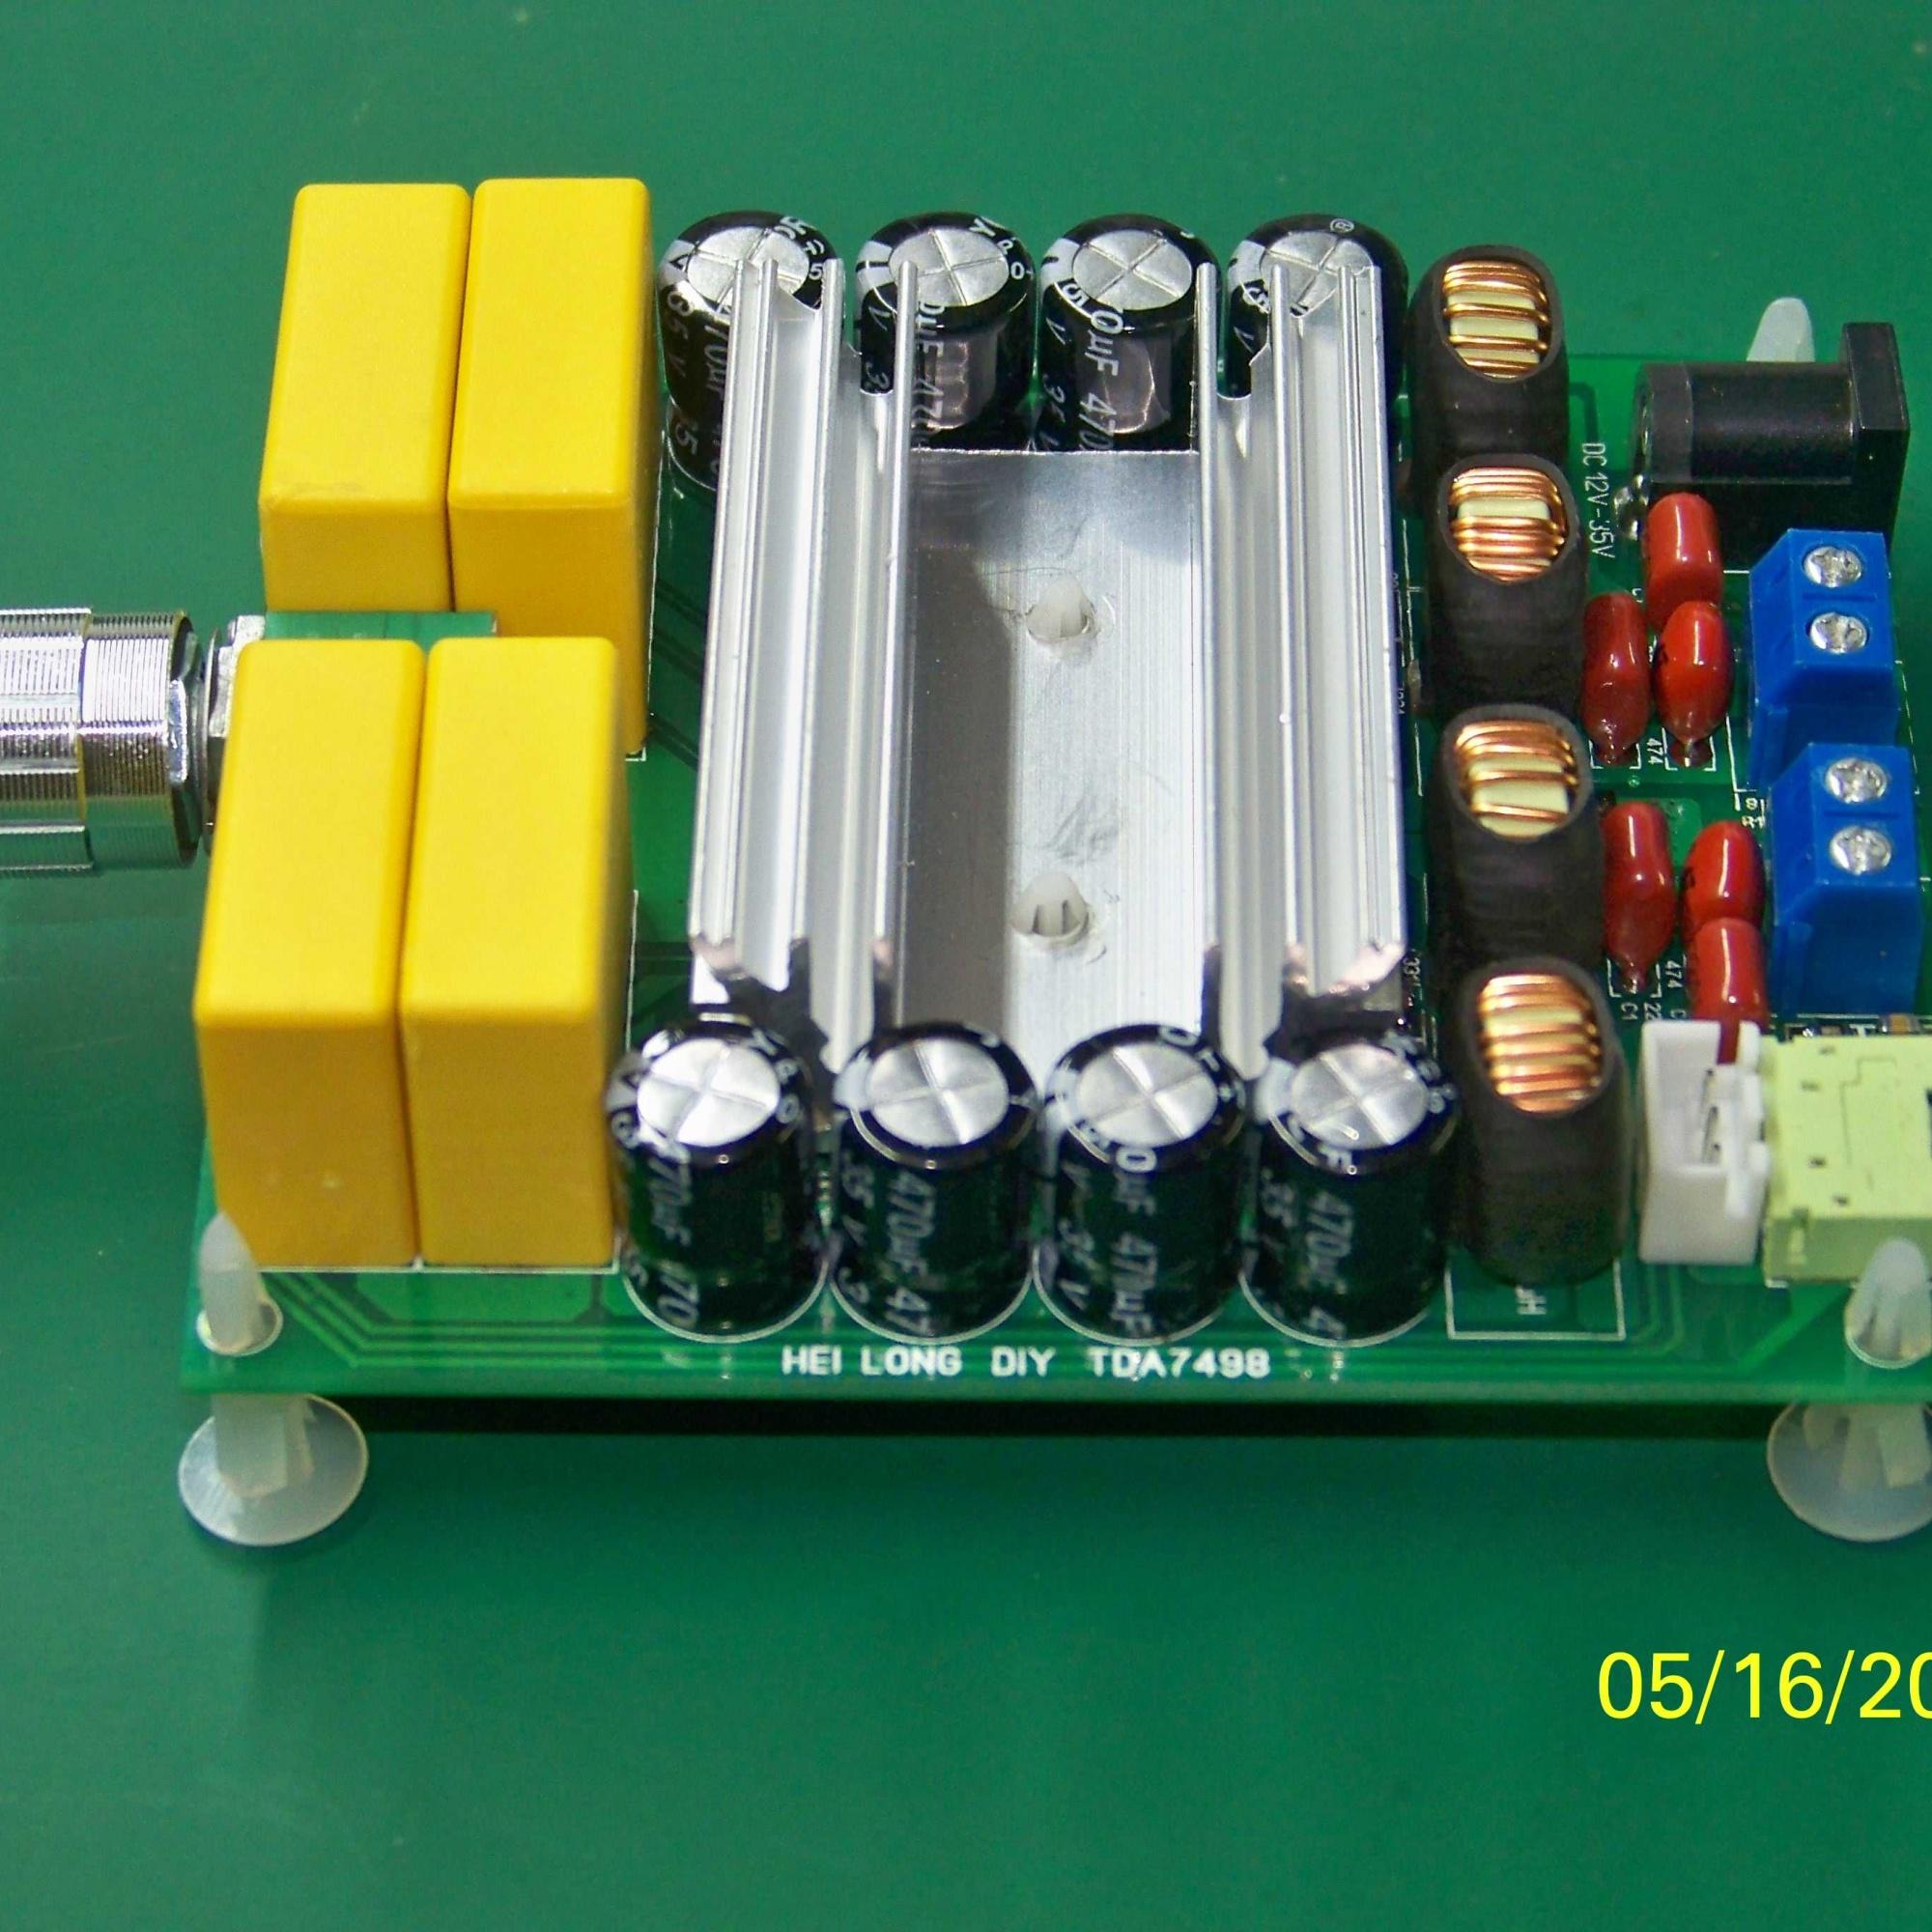 电路板 机器设备 3648_2736